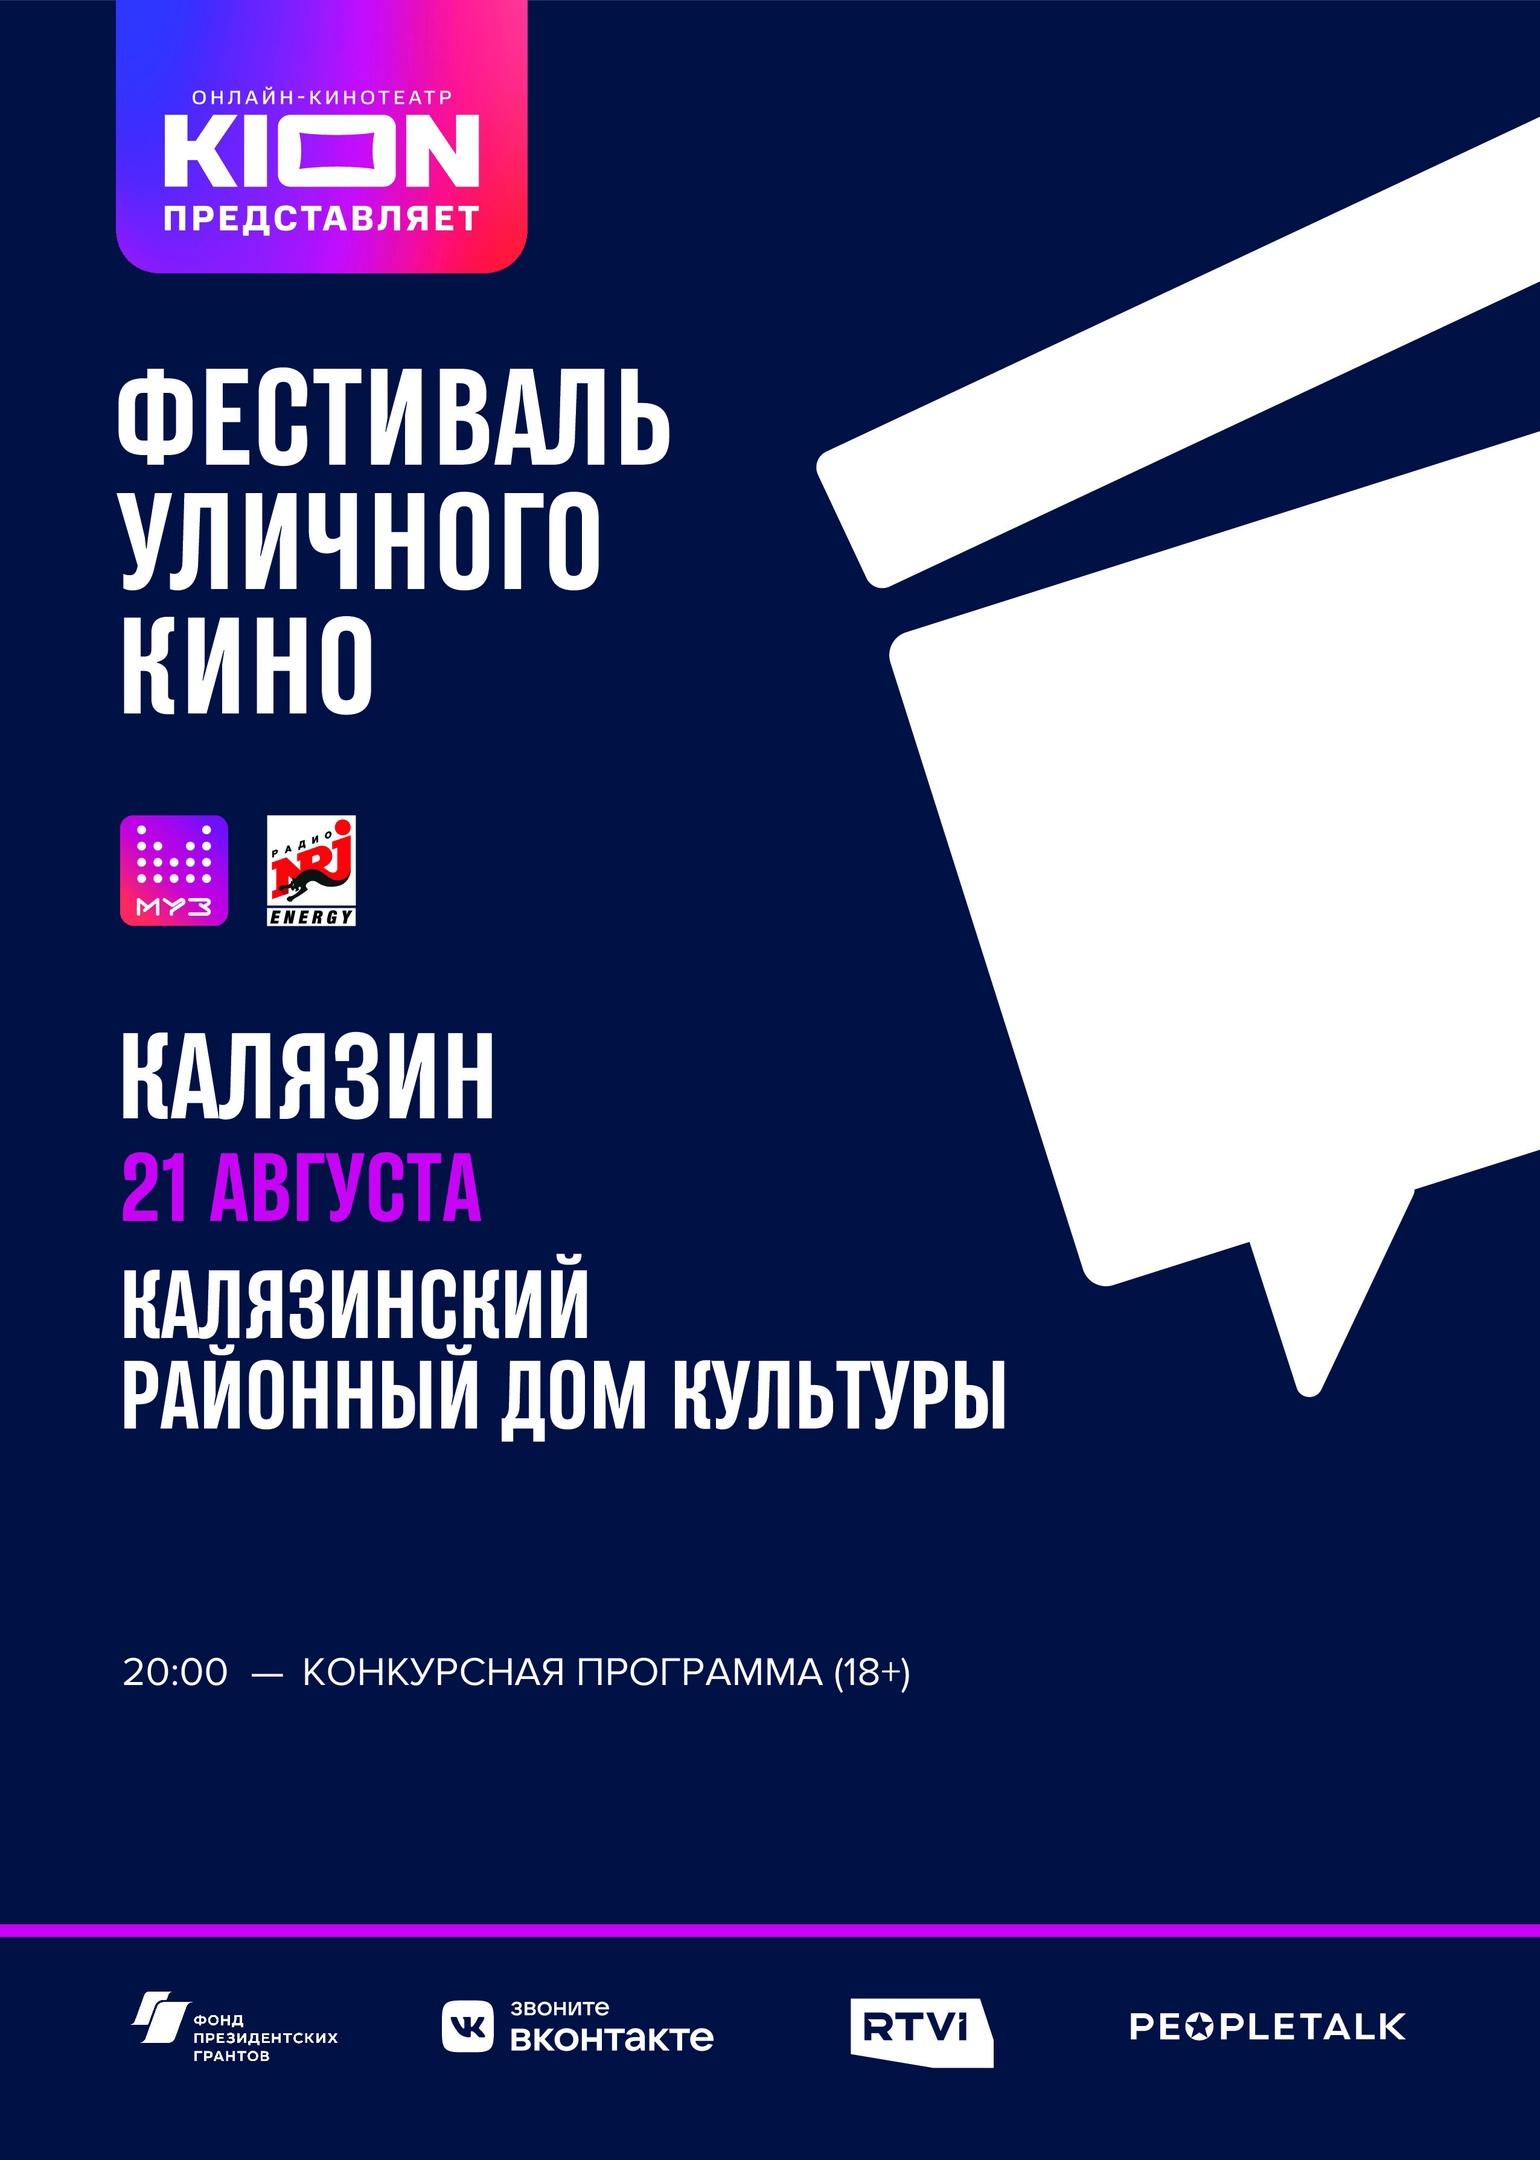 Фестиваль уличного кино пройдет в Калязине